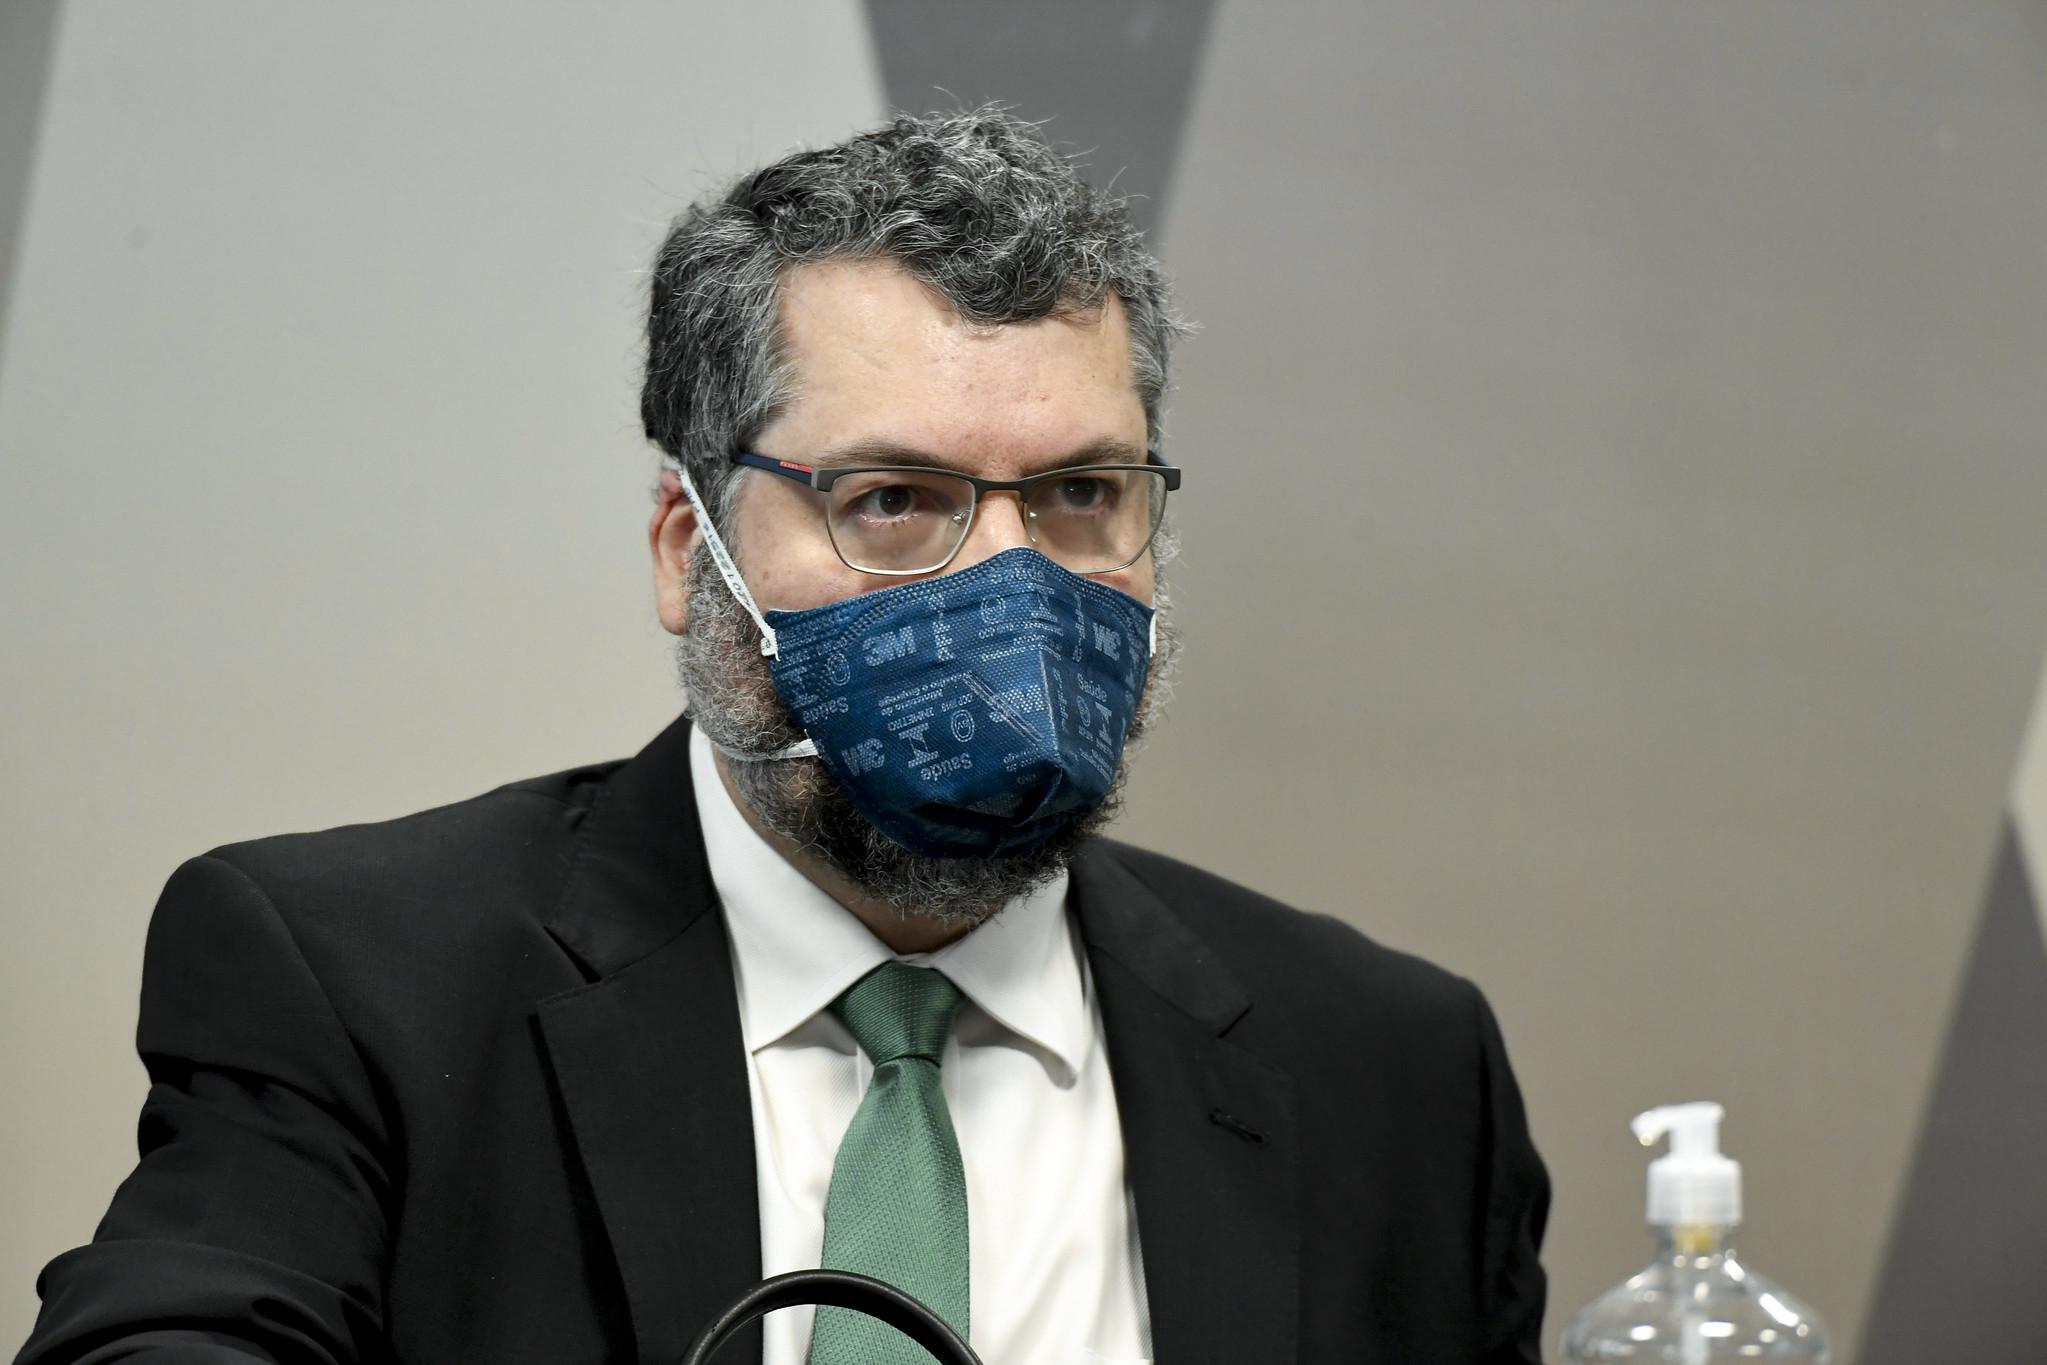 Ernesto pede ao STF para limitar quebra de sigilos ao período da pandemia